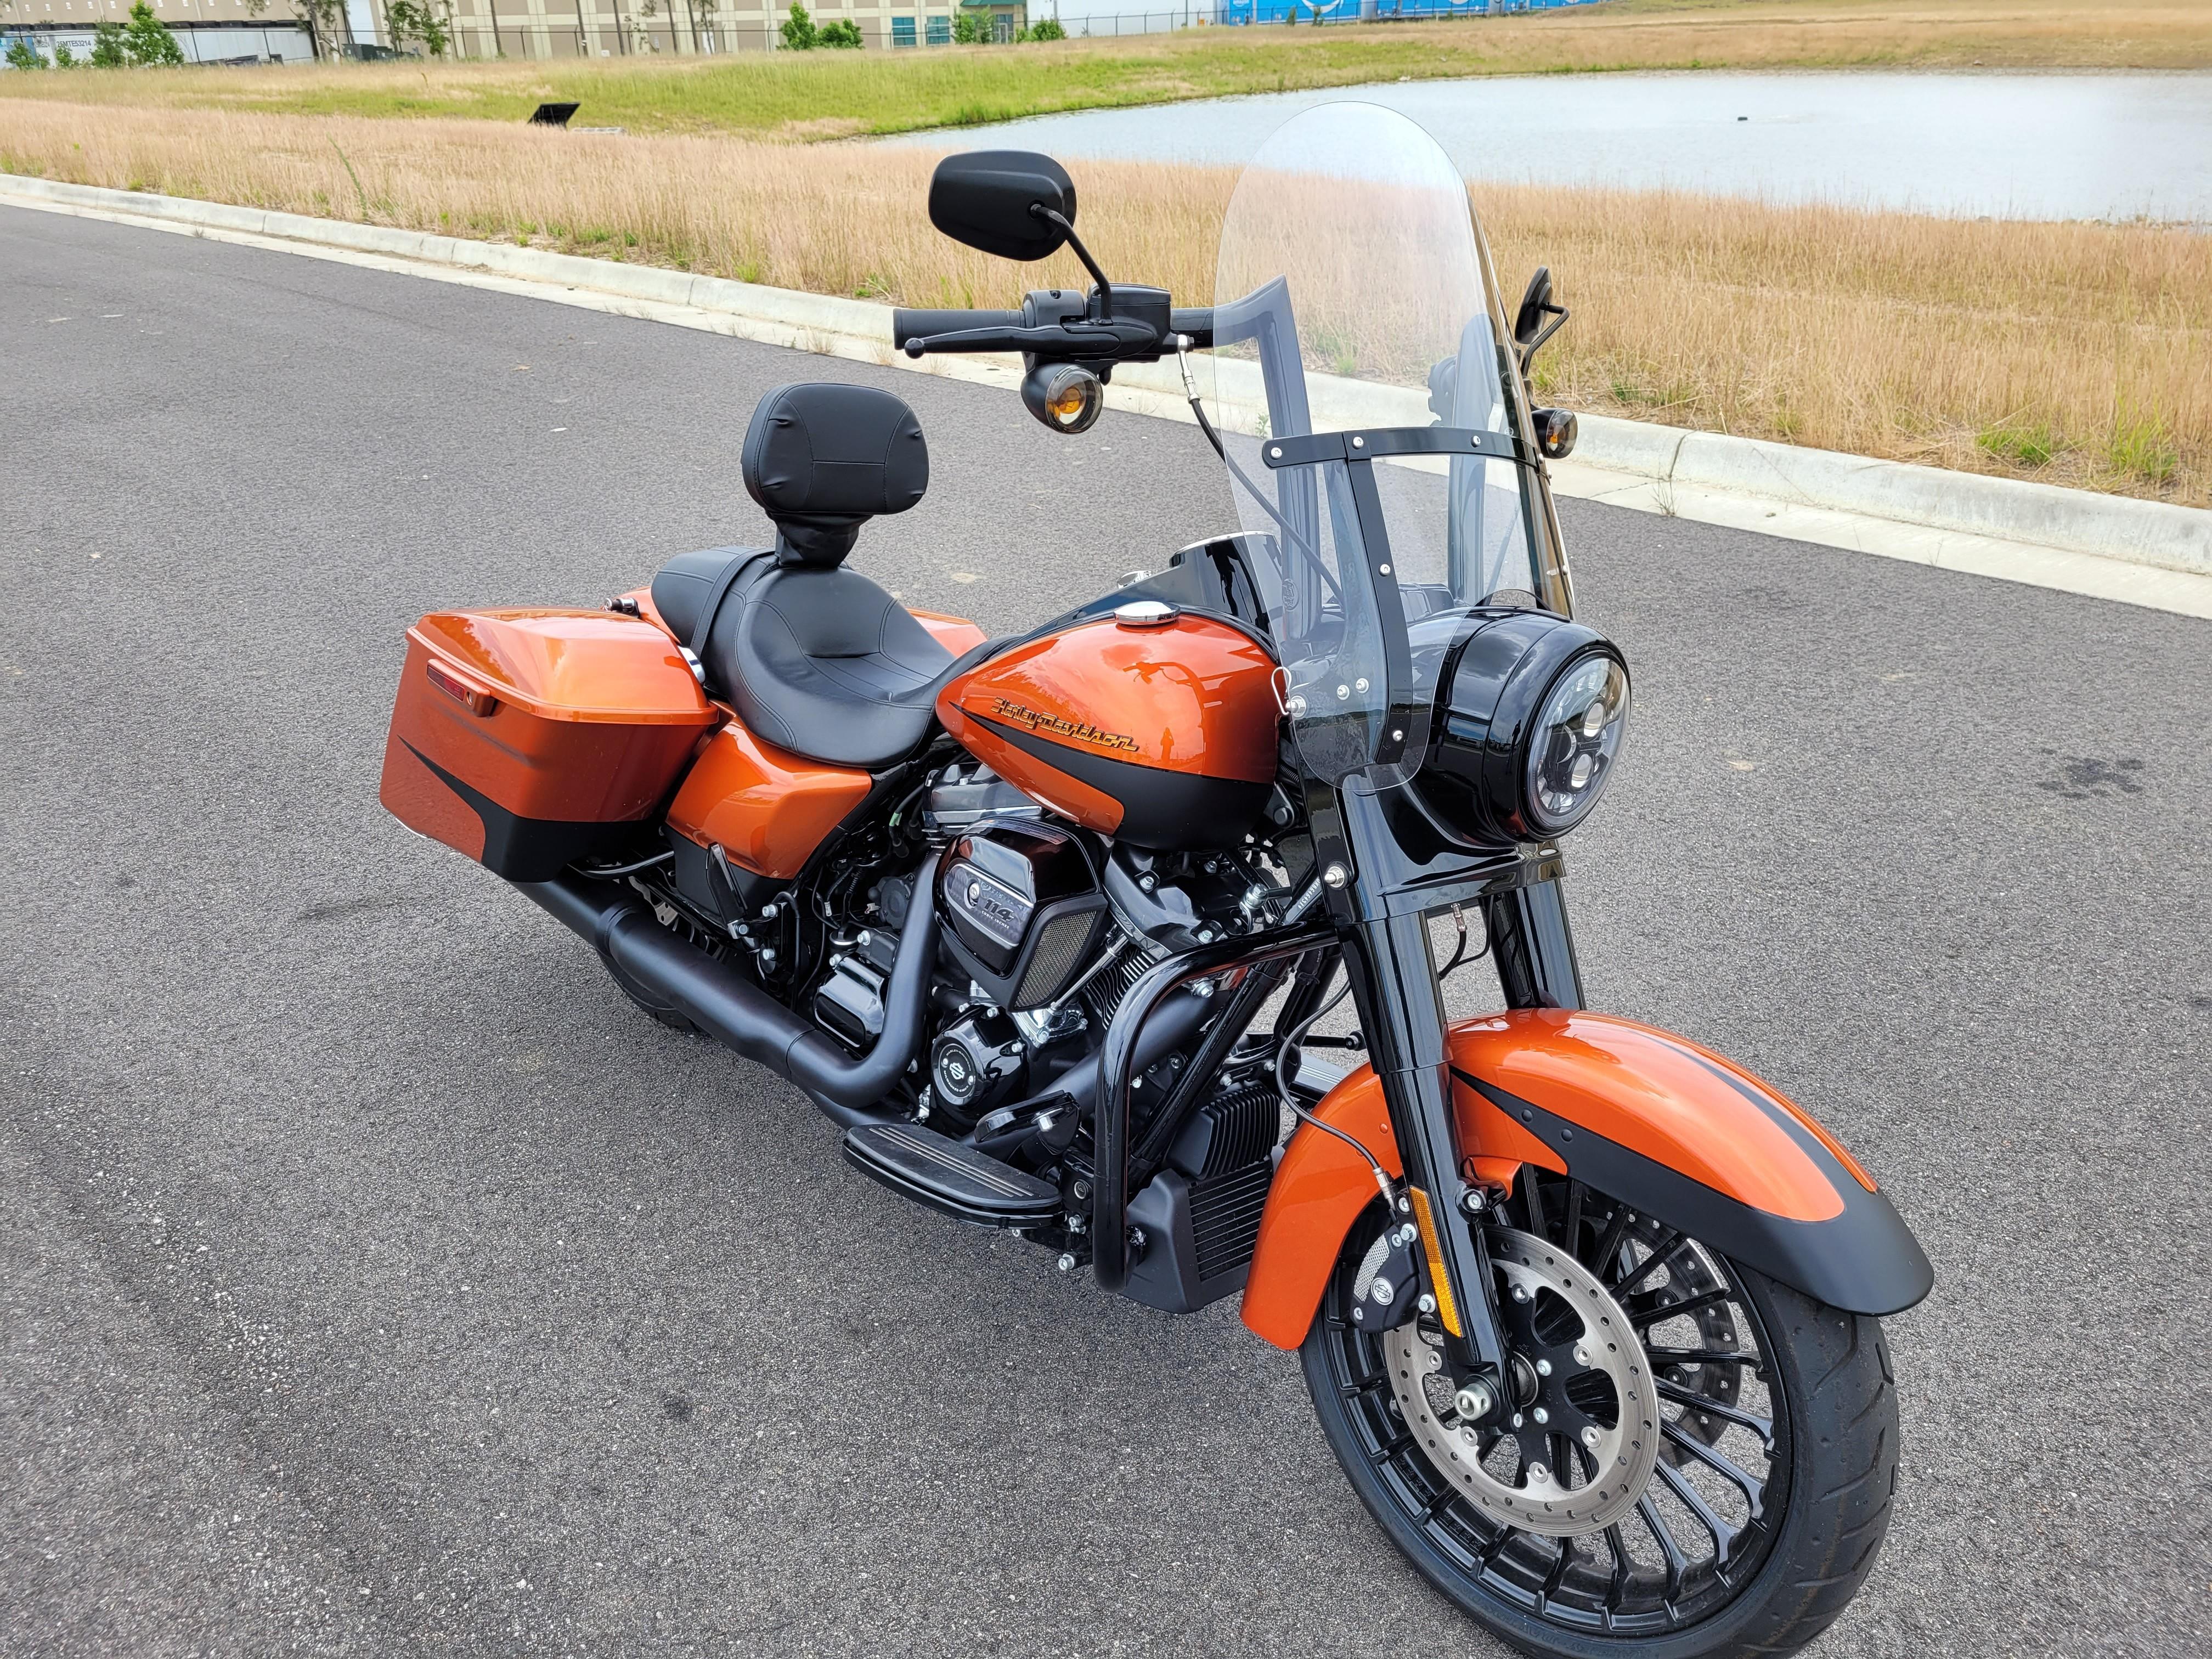 2019 Harley-Davidson Road King Special at Richmond Harley-Davidson